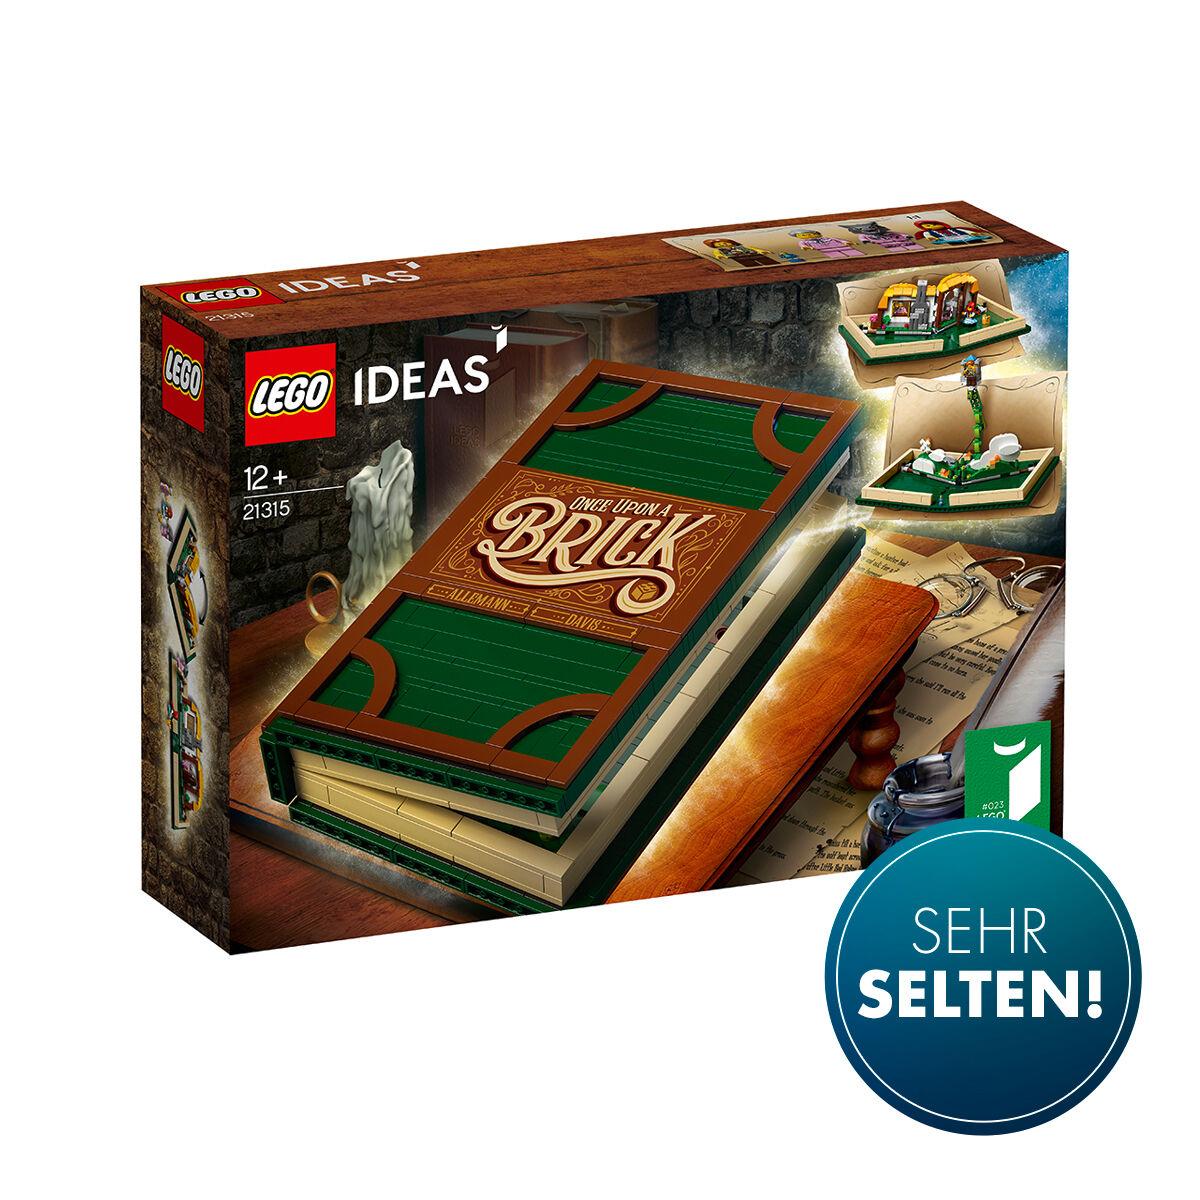 Lego Ideas - 21315 Pop-Up-Buch [Galeria Karstadt] inkl. Versand (kostenlose Kundenkarte erforderlich)